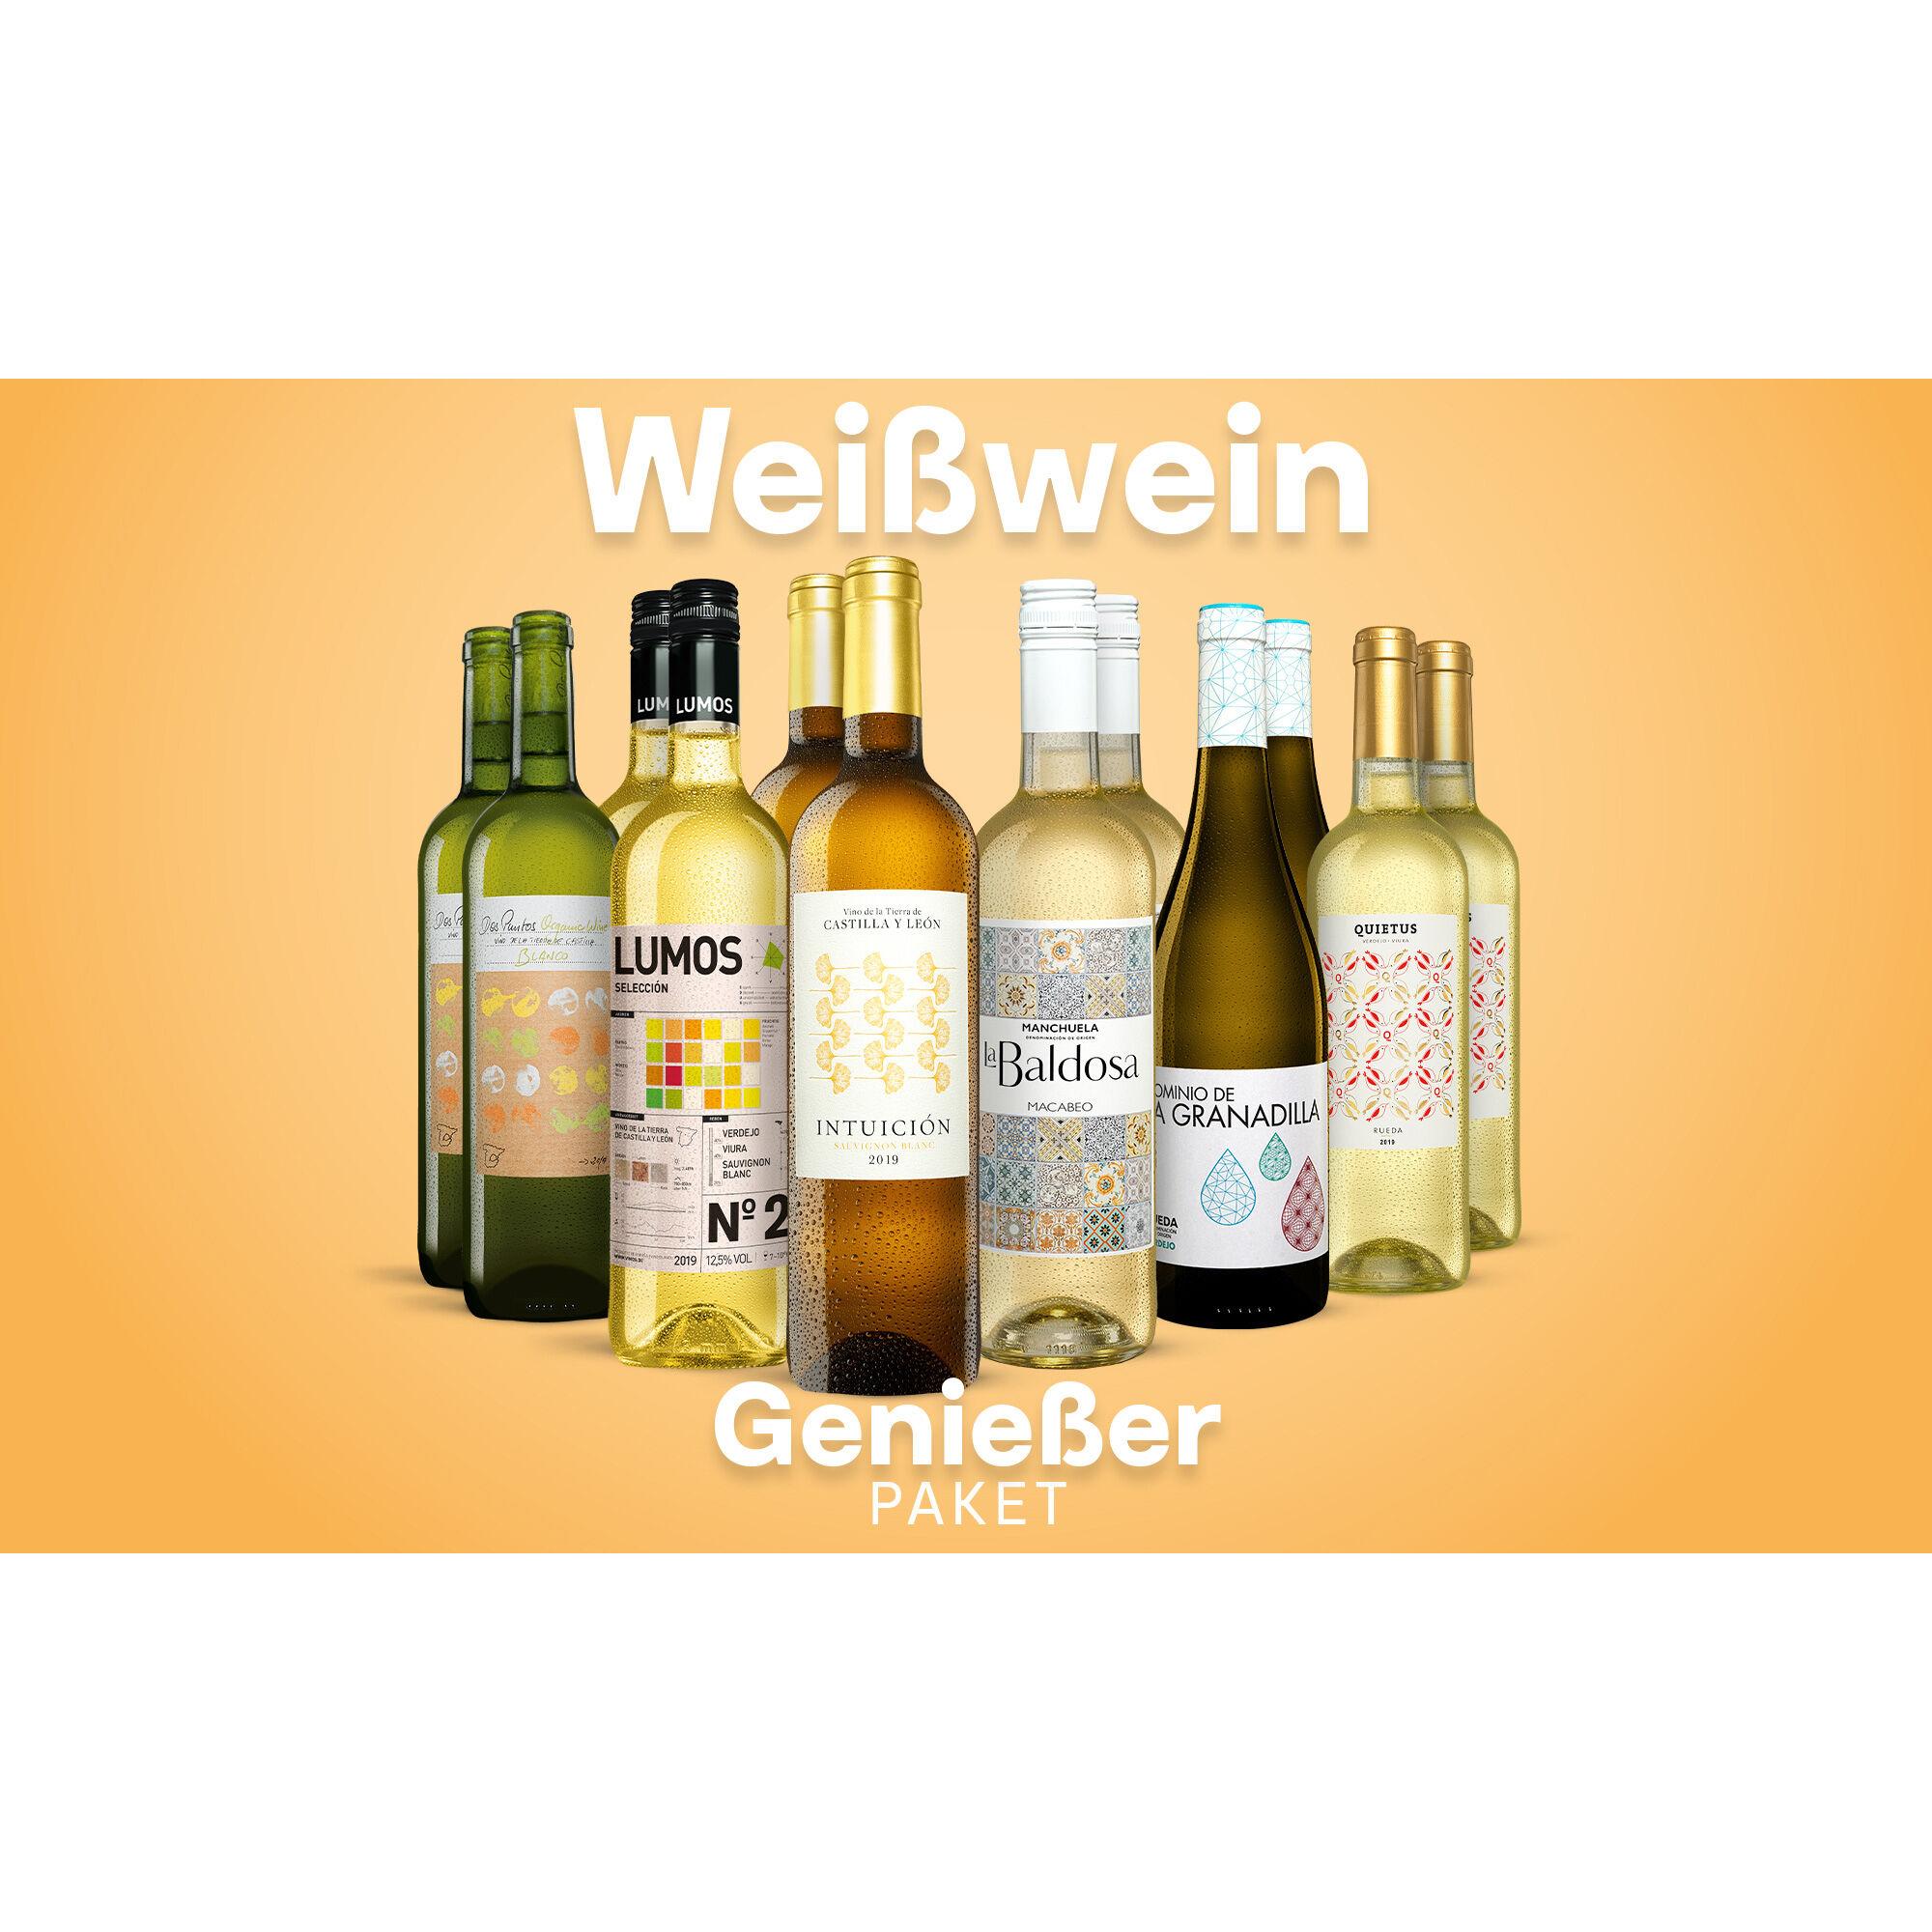 Weißwein-Genießer-Paket Weinpaket  aus Spanien